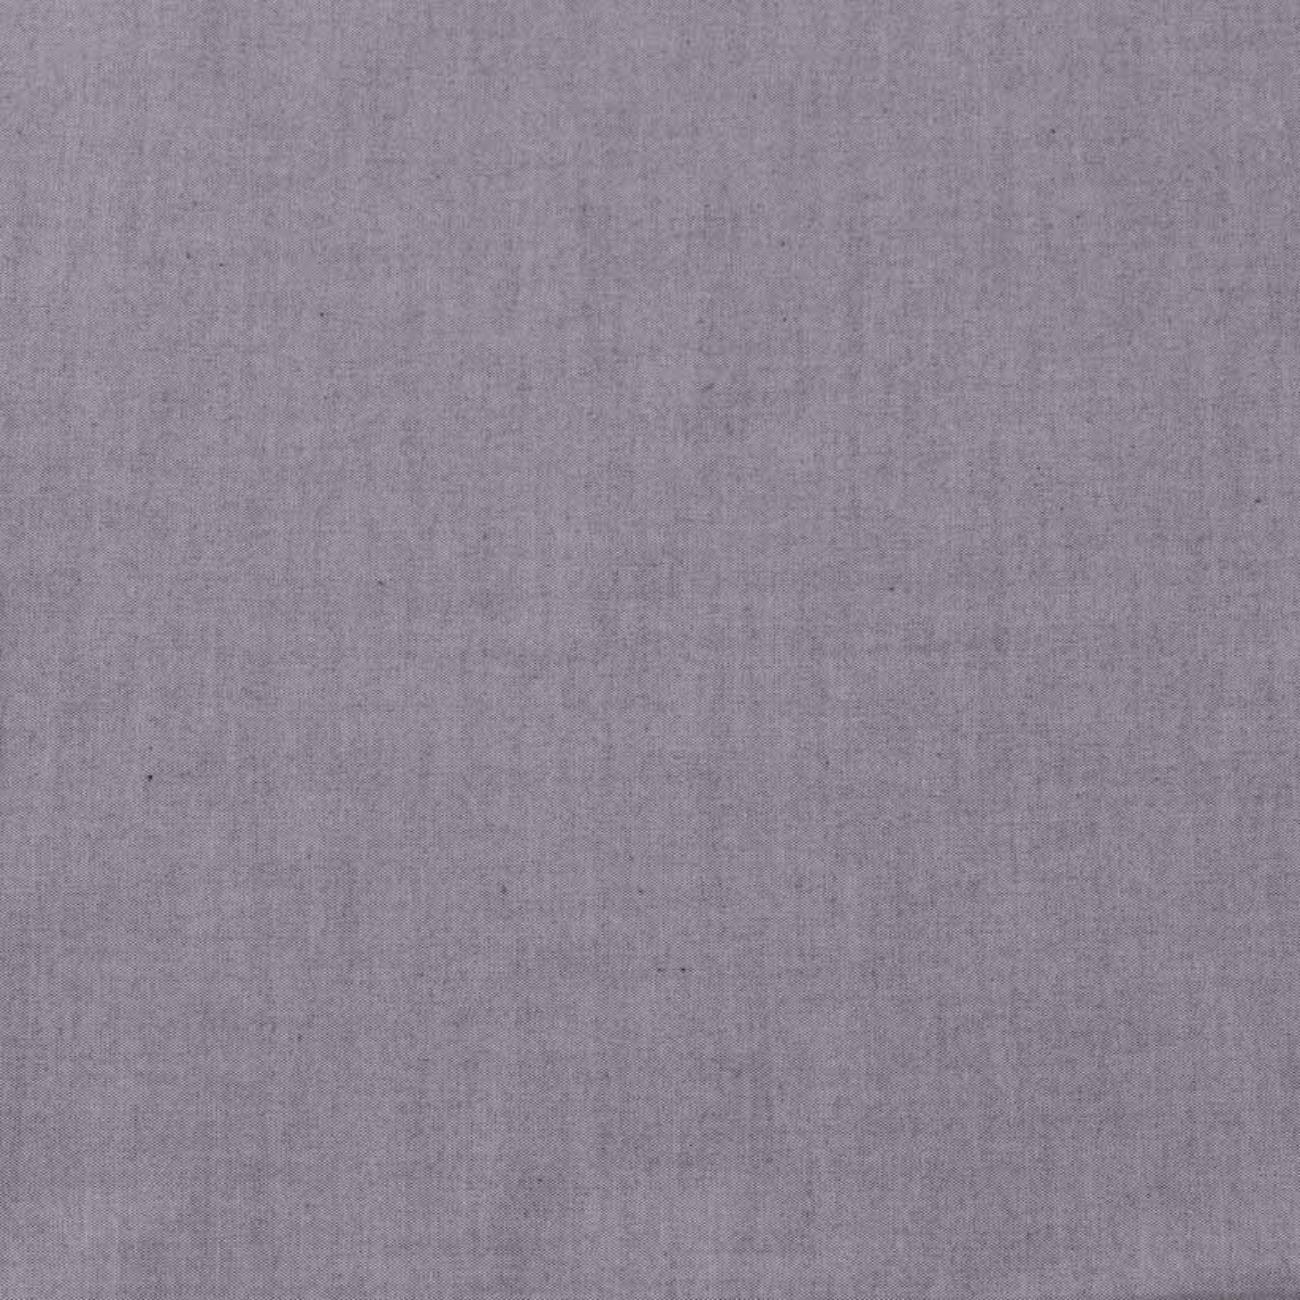 现货素色梭织色织低弹休闲时尚风格 衬衫 连衣裙 短裙 棉感 60929-12